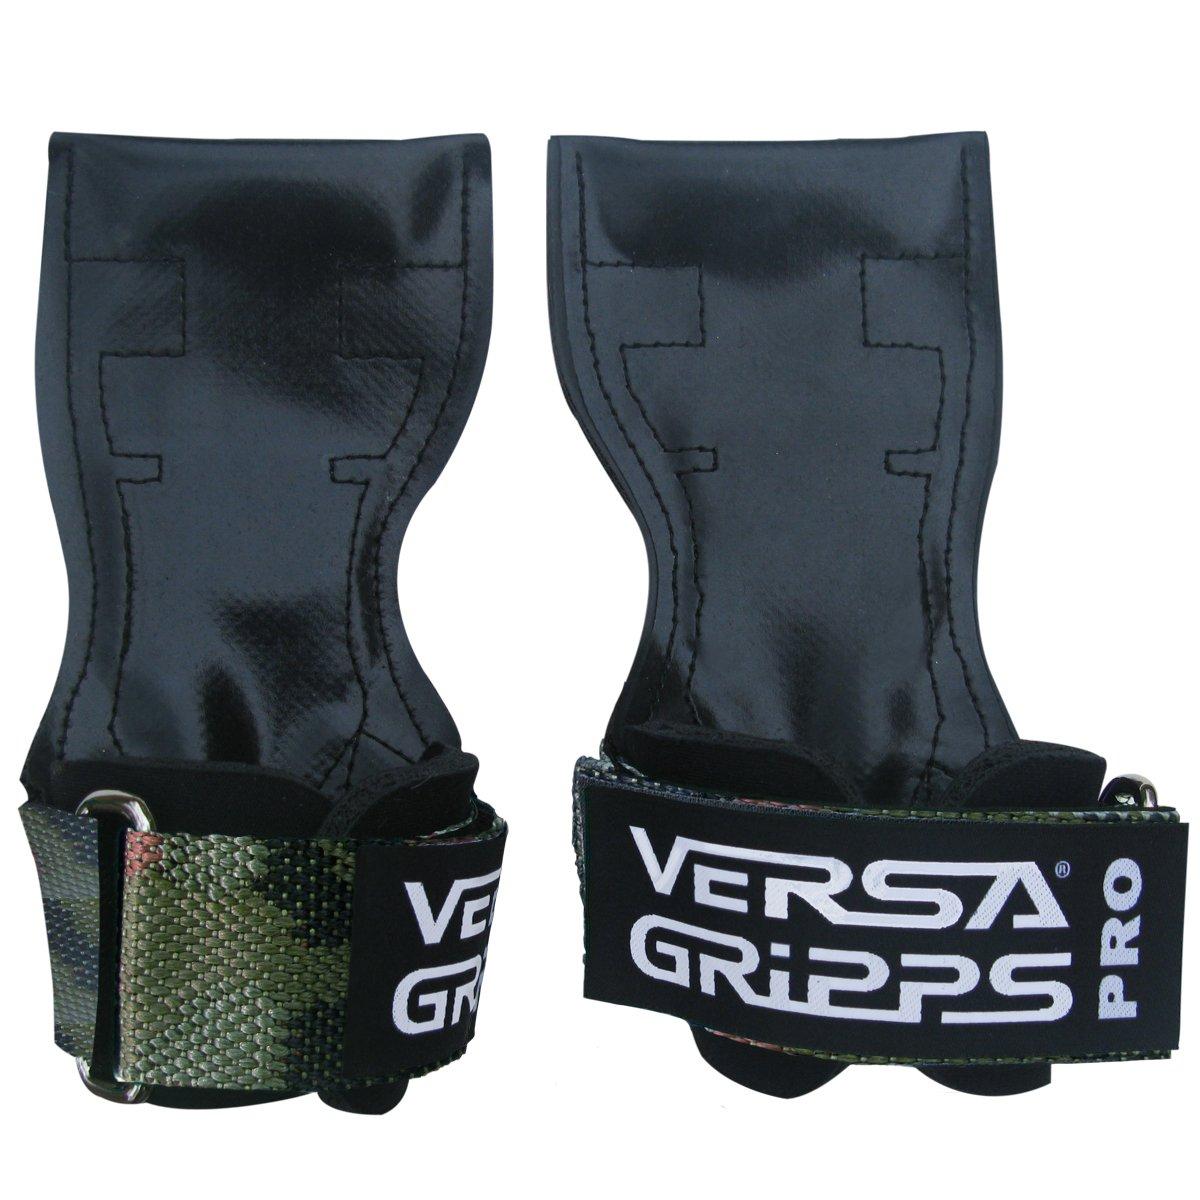 憧れ Versa Gripps プロオセンティック世界で最も優れたトレーニングアクセサリーの一つアメリカ製。 B00536YIZY Gripps B00536YIZY Camoflage Versa X-Small X-Small|Camoflage, ブランドバッグ財布のピュアリー:6c3cbe13 --- arianechie.dominiotemporario.com